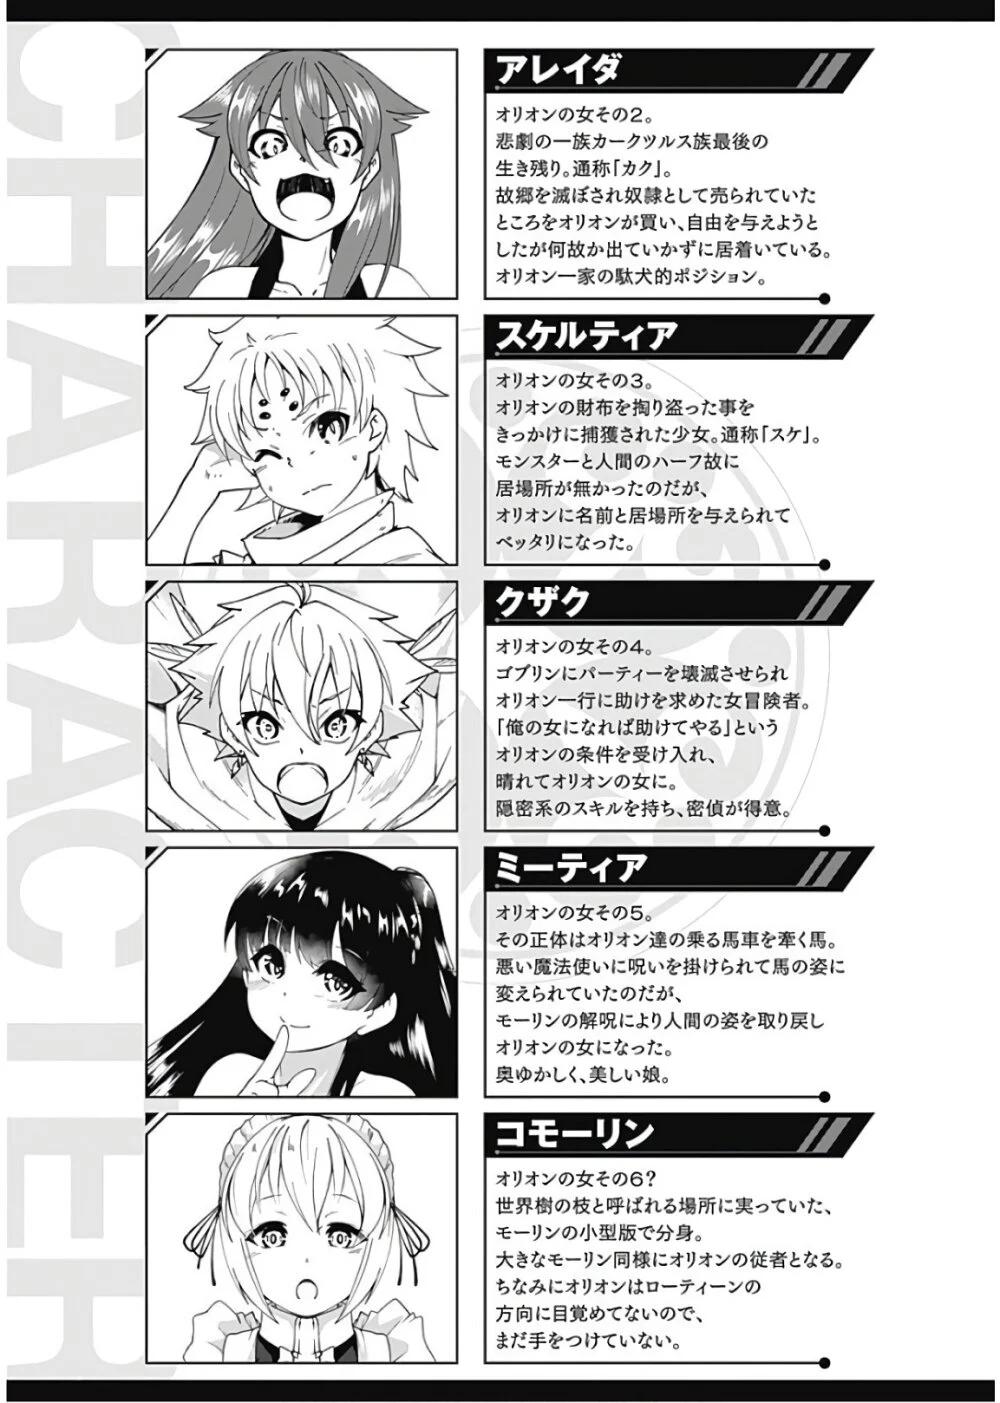 อ่านการ์ตูน Jichou shinai Motoyuusha no Tsuyokute Tanoshii New Game ตอนที่ 47 หน้าที่ 4